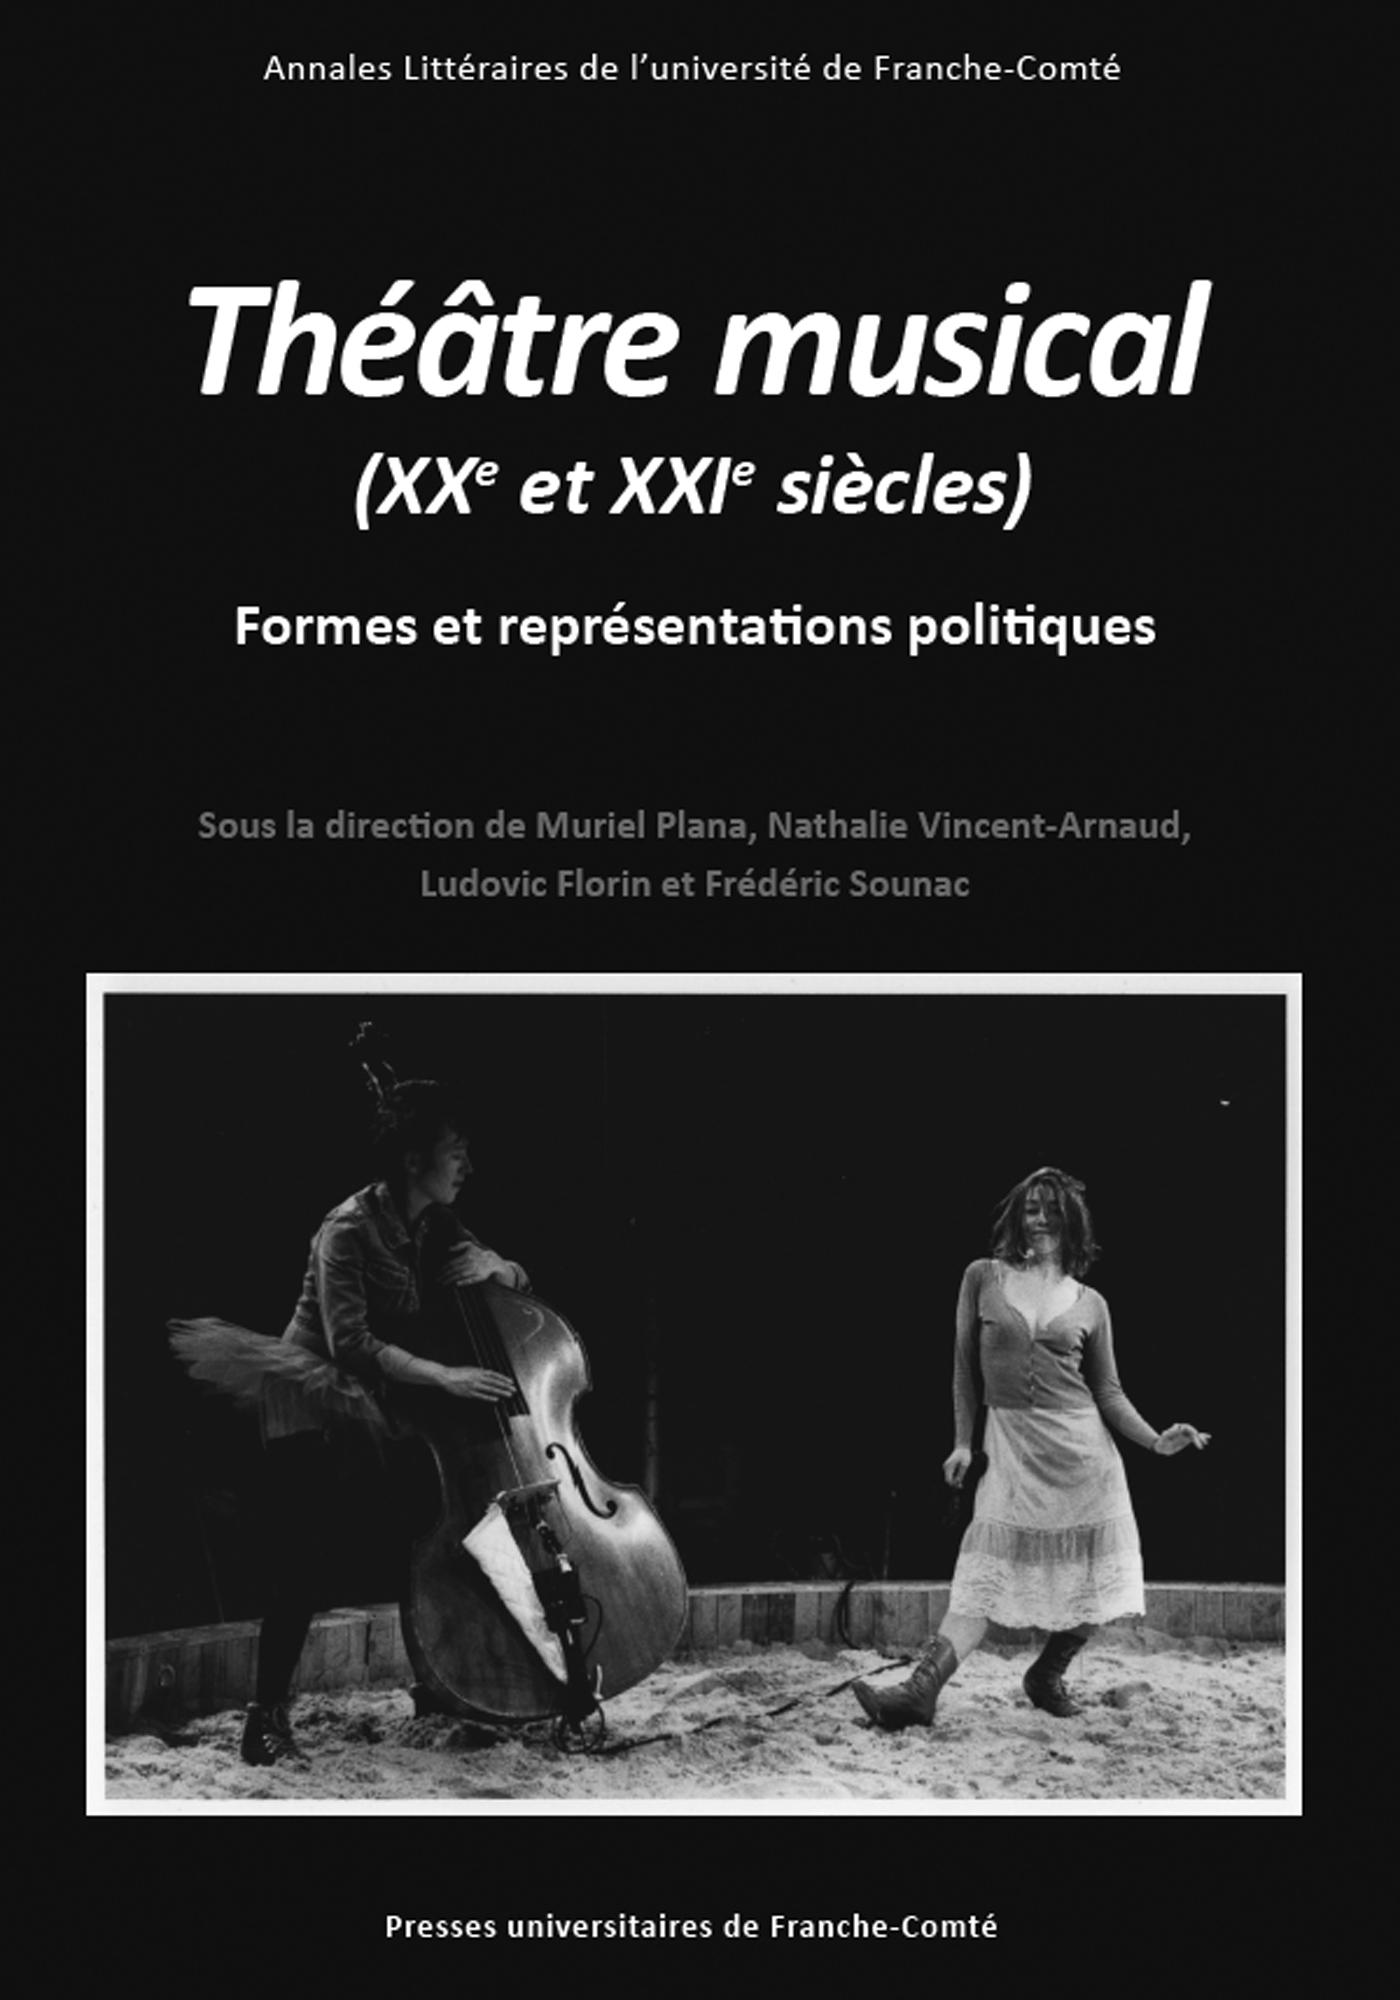 M. Plana, N. Vincent-Arnaud, L. Florin, F.  Sounac (dir.), Théâtre musical (XXe et XXIe siècles). Formes et représentations politiques